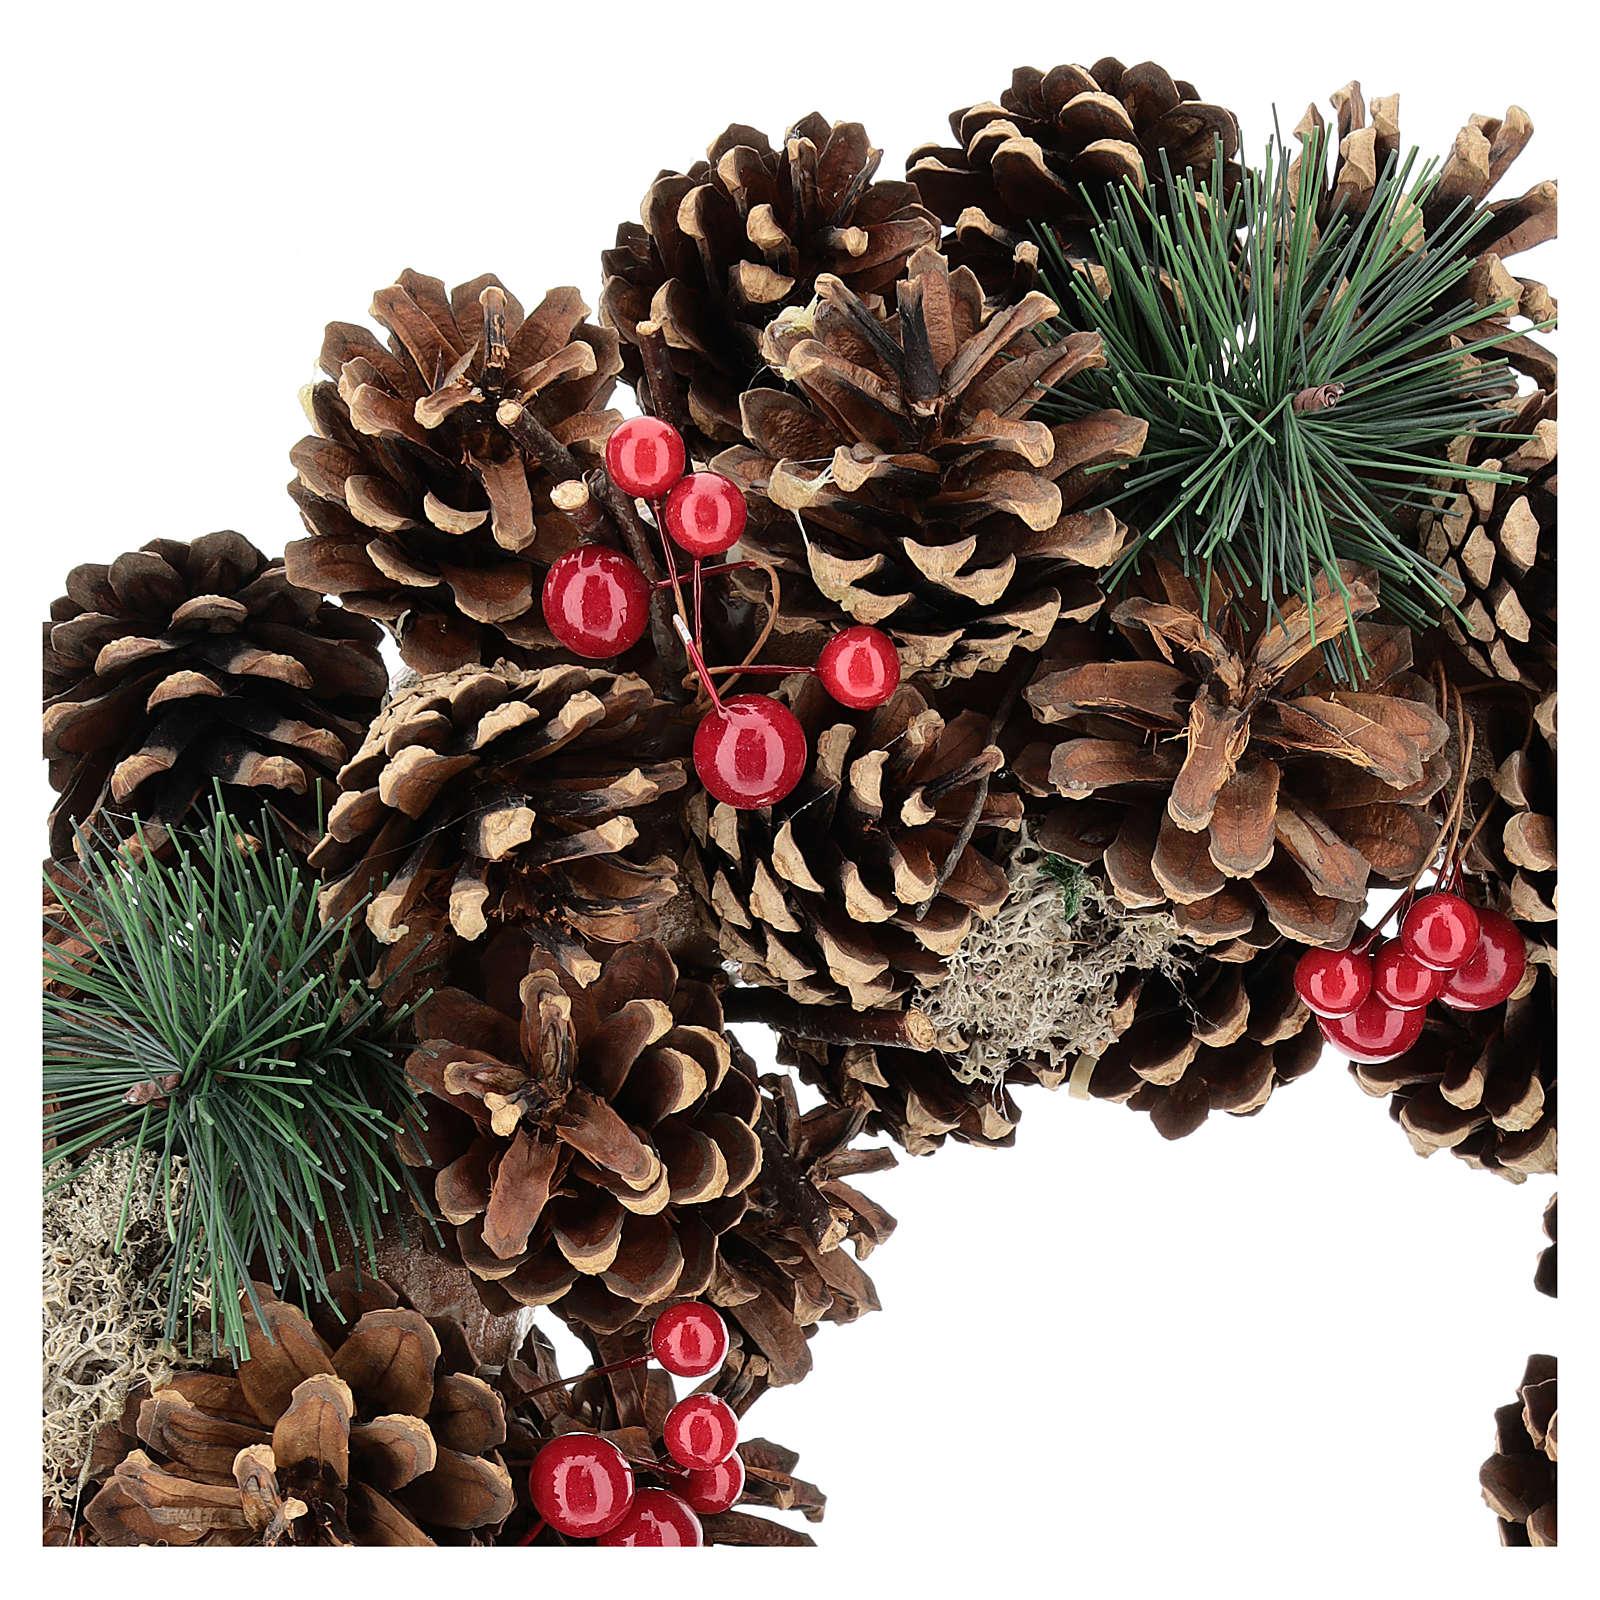 Ghirlanda decorata Natale pigne bacche rosse 32 cm 3